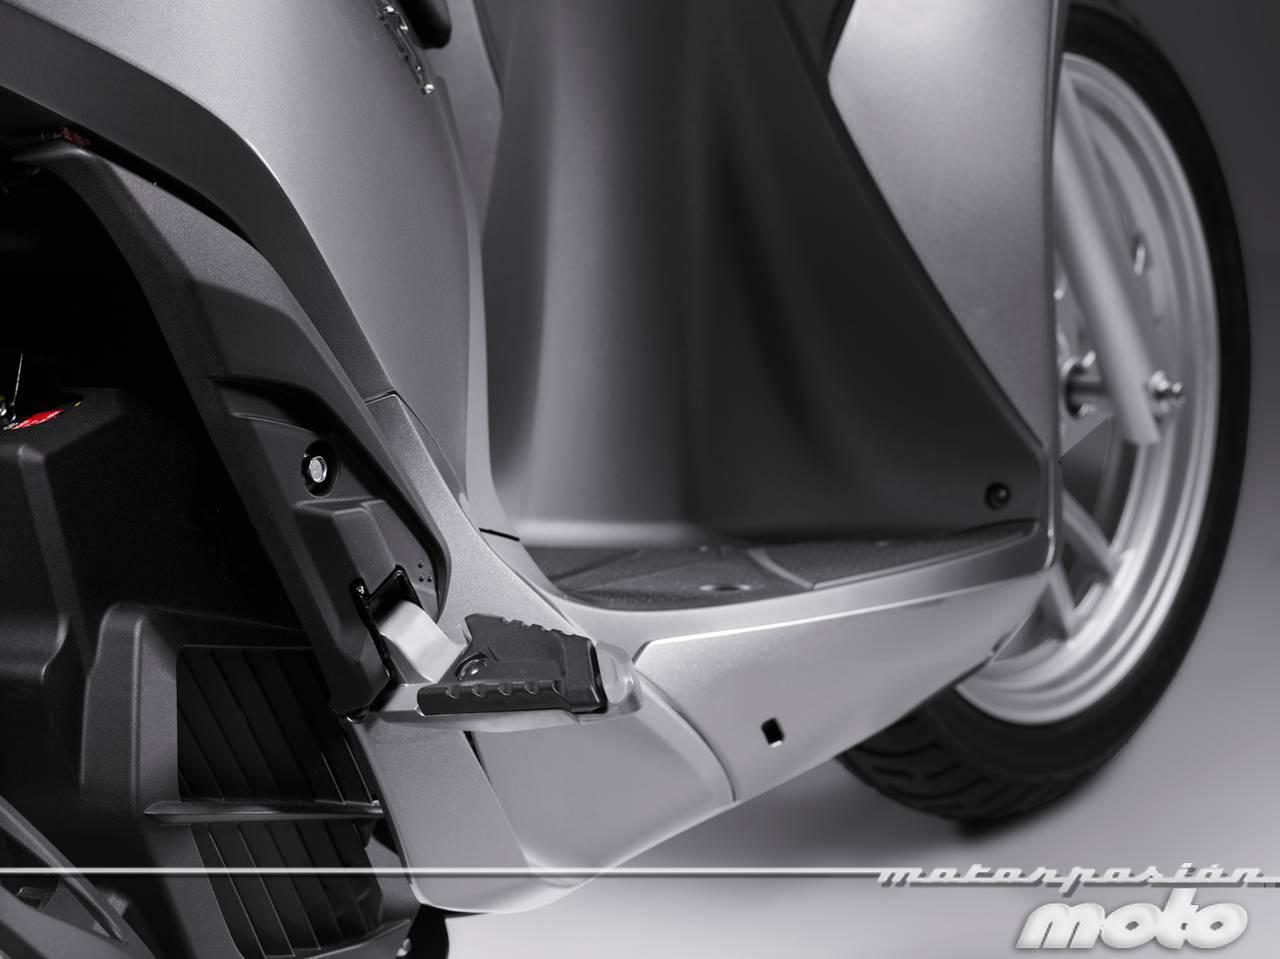 Foto de Honda Scoopy SH125i 2013, prueba (valoración, galería y ficha técnica)  - Fotos Detalles (58/81)